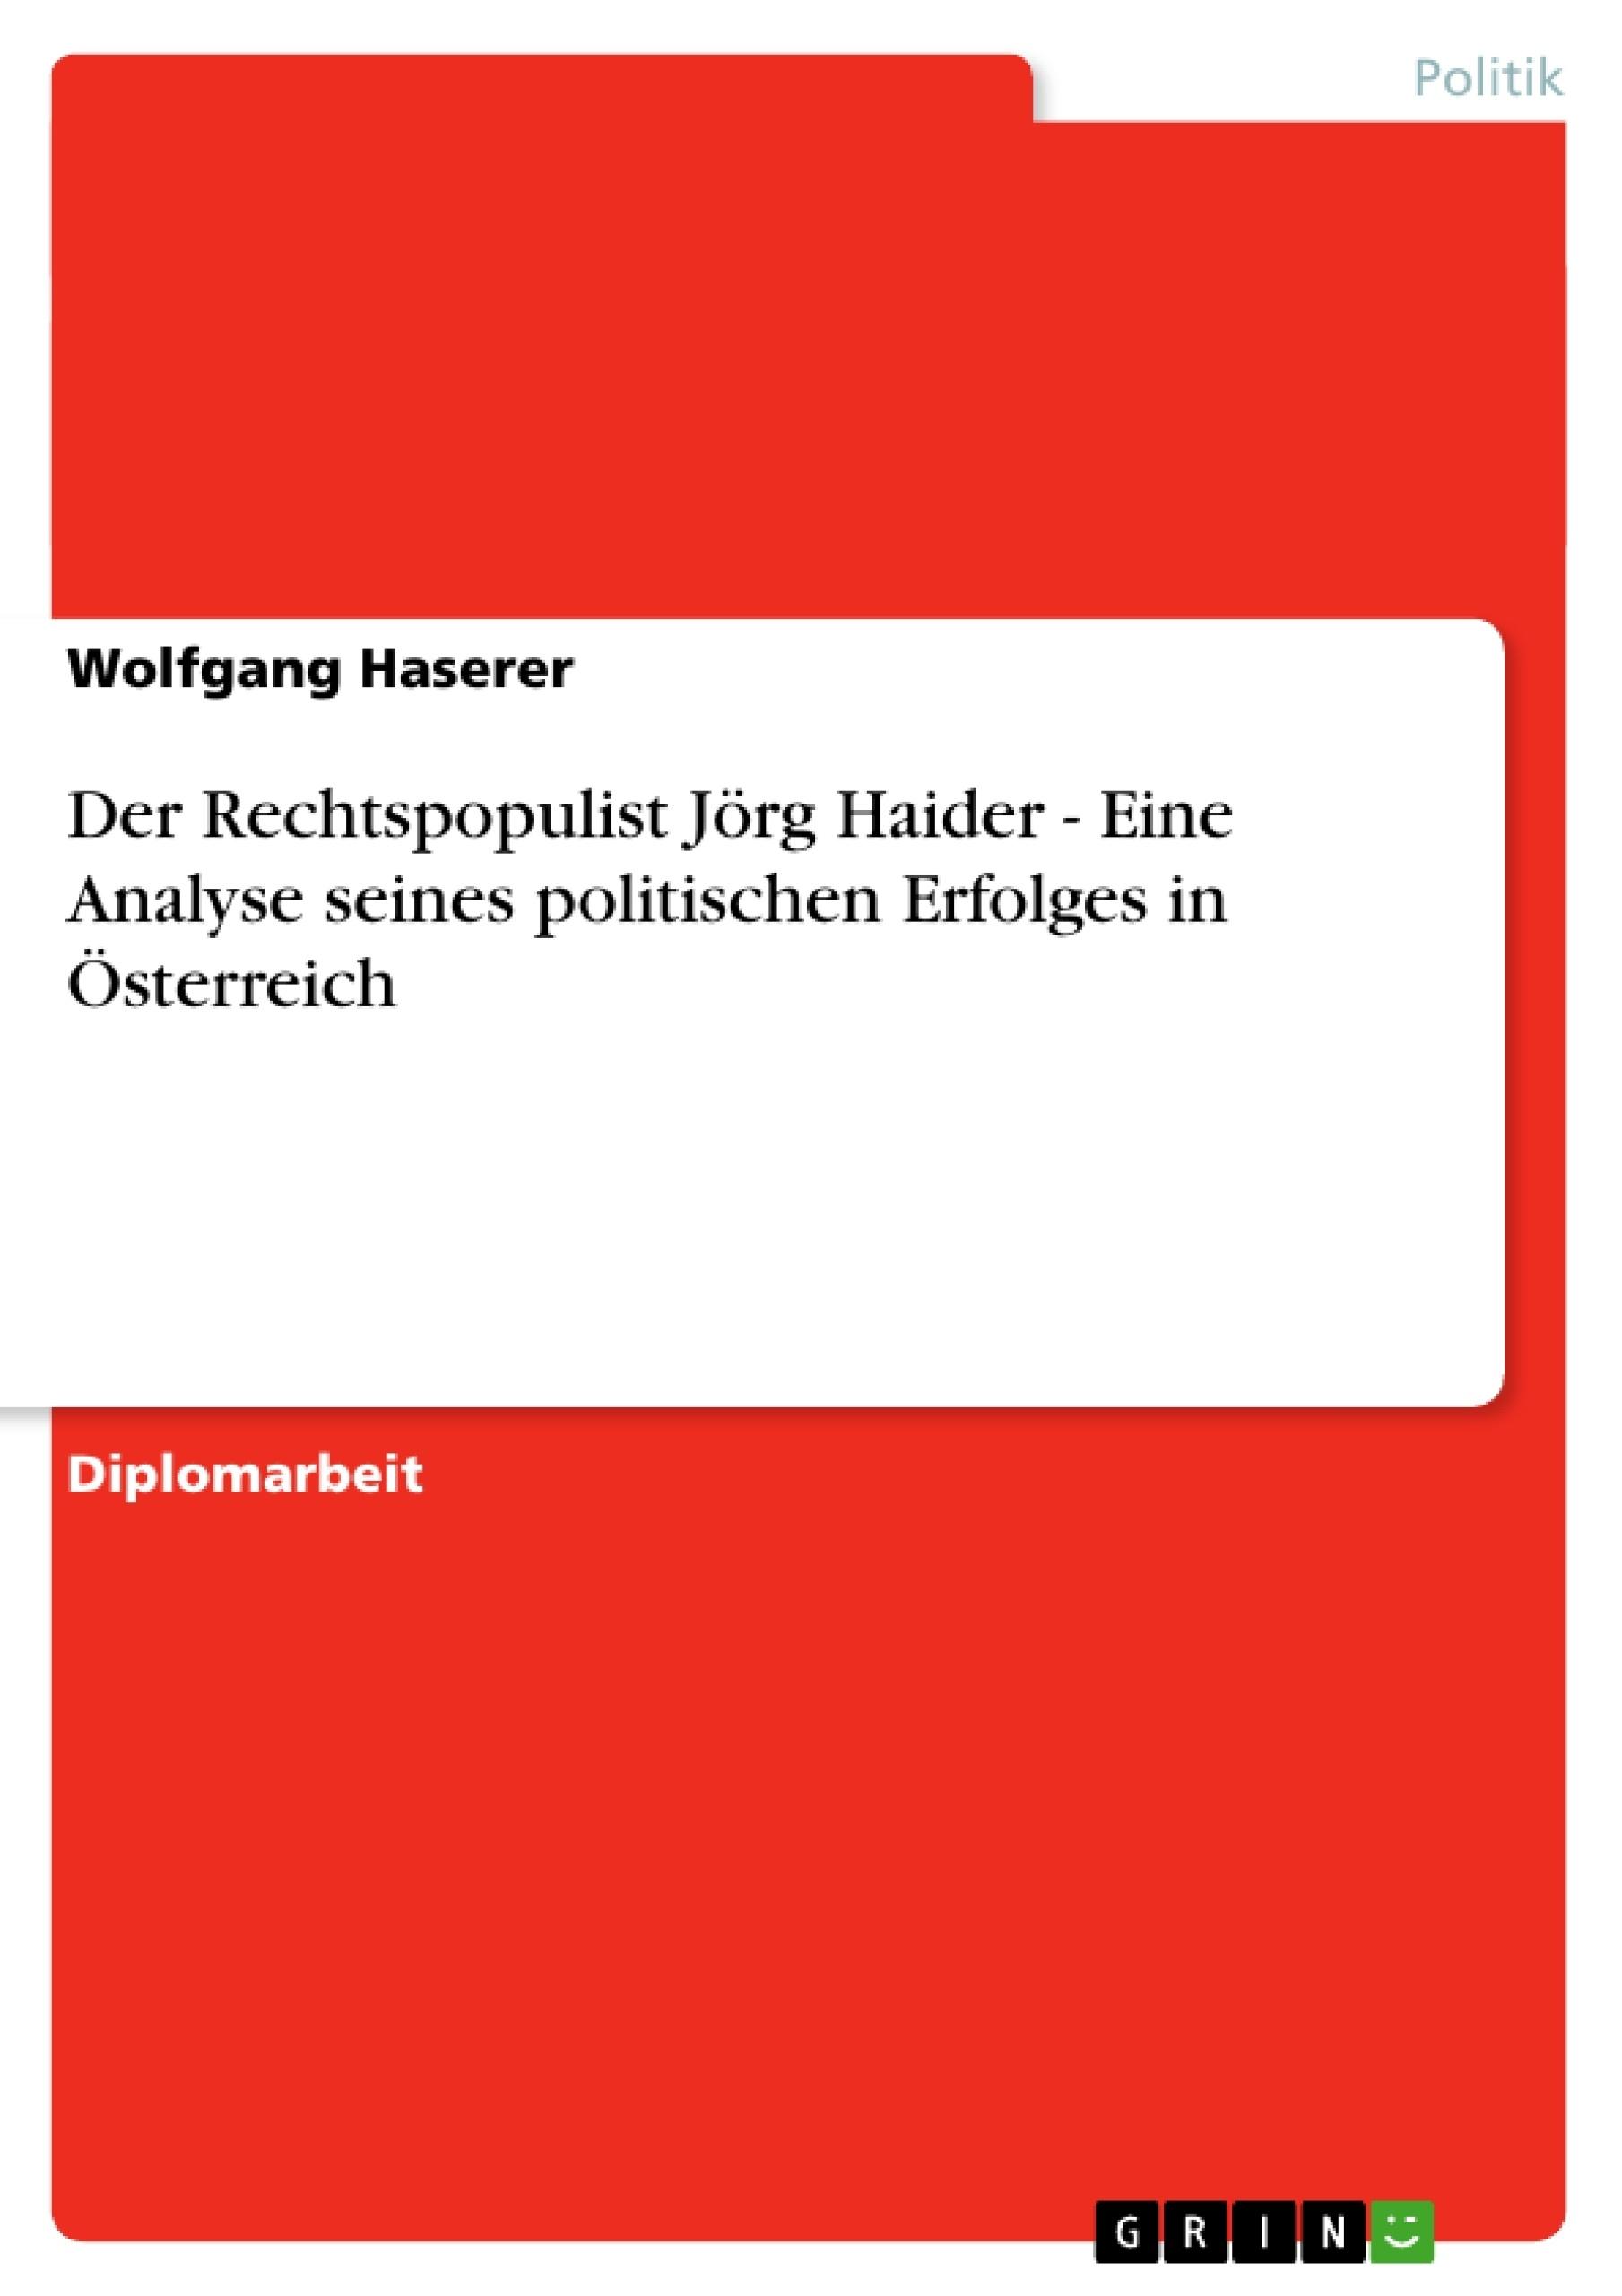 Titel: Der Rechtspopulist Jörg Haider - Eine Analyse seines politischen Erfolges in Österreich